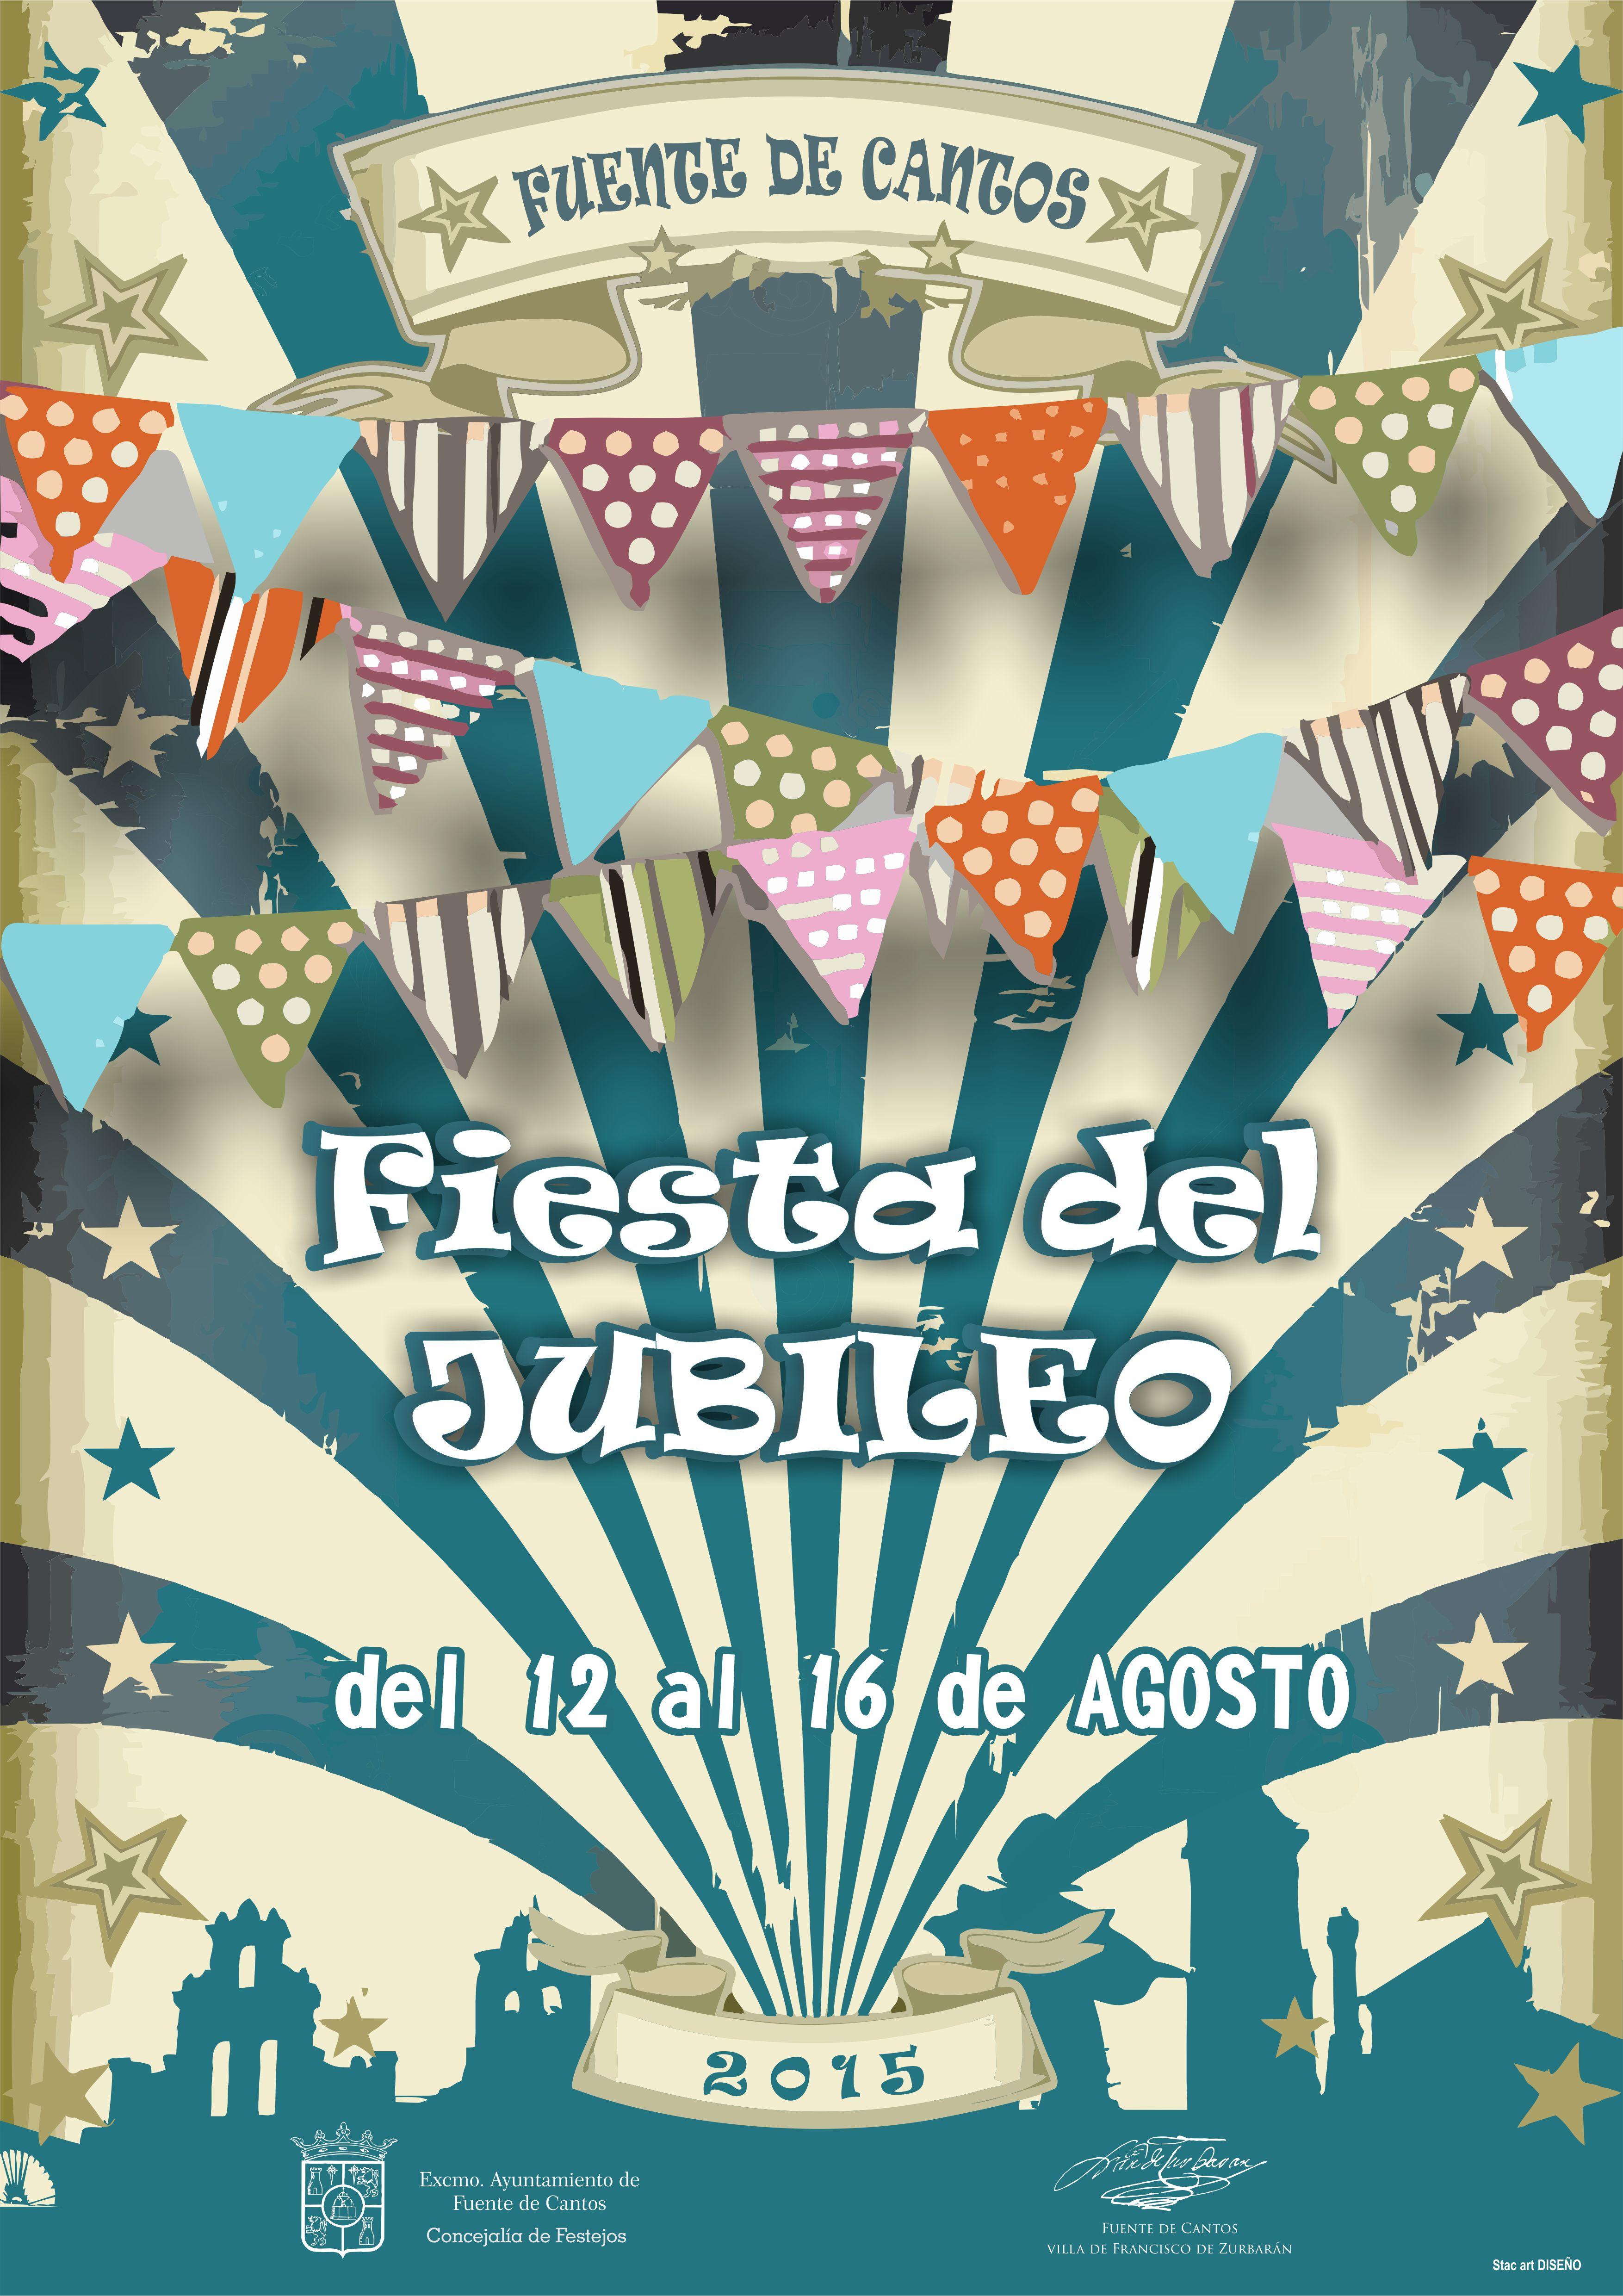 poster-jubileo